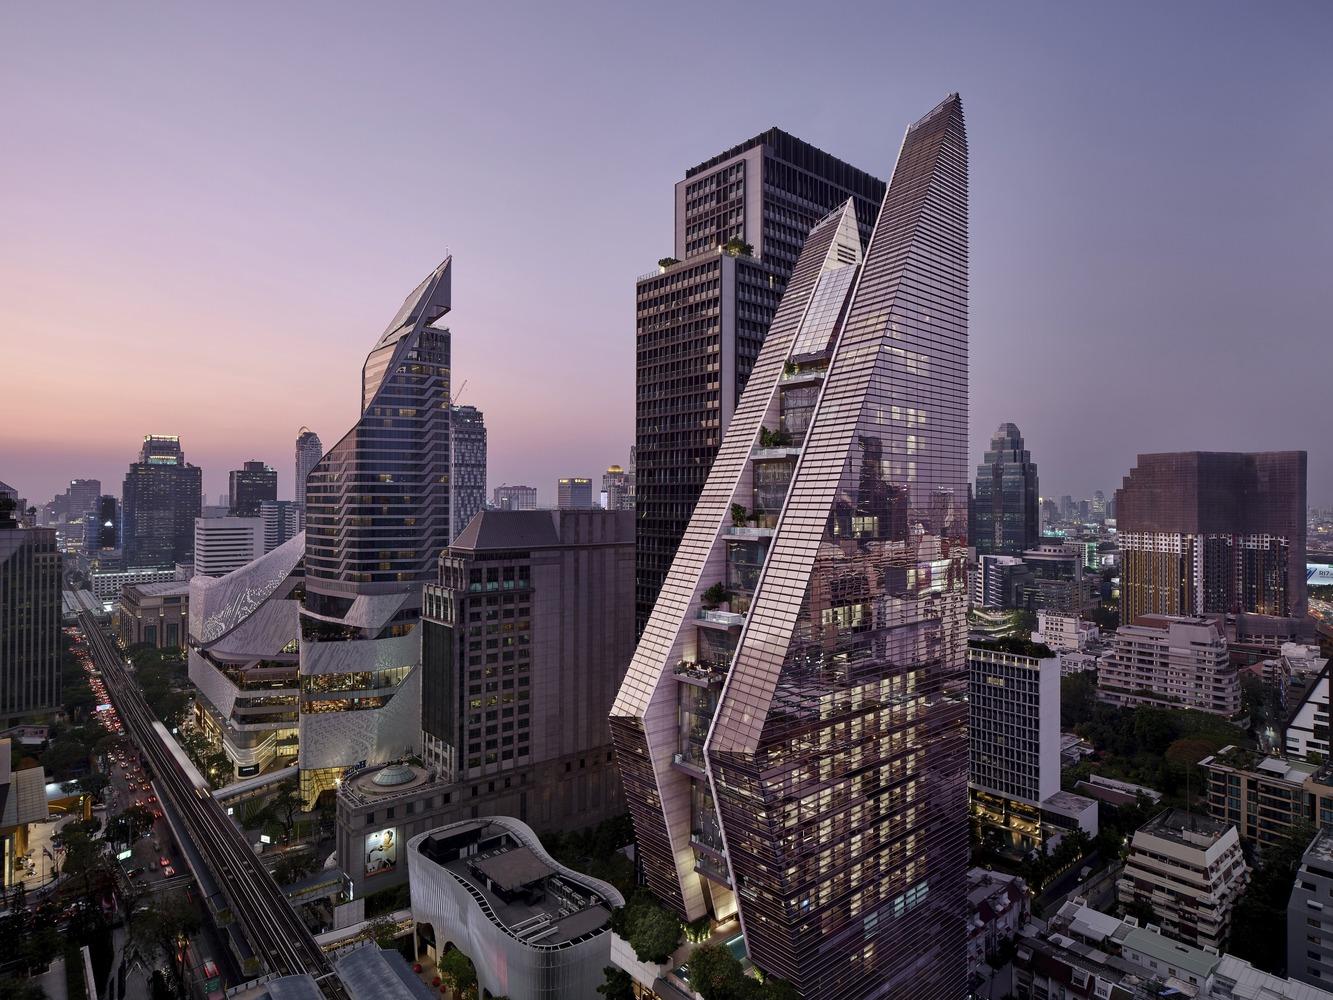 طراحی هتل بانکوک با سبک معماری معاصر - Rosewood Bangkok Hotels 2 1